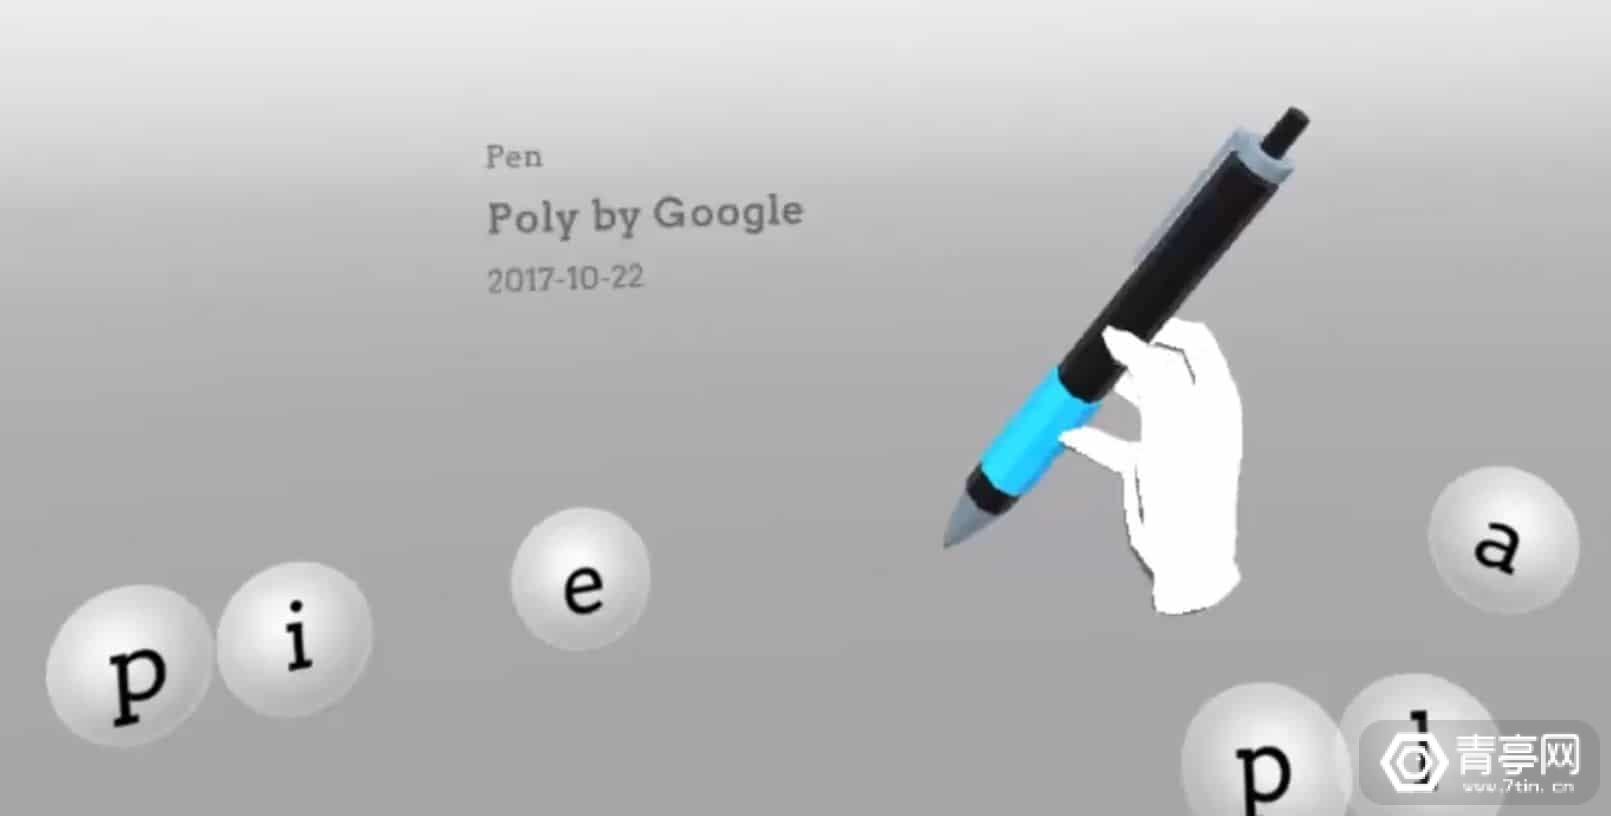 一款趣味型VR应用,随意组合单词即可变身3D模型